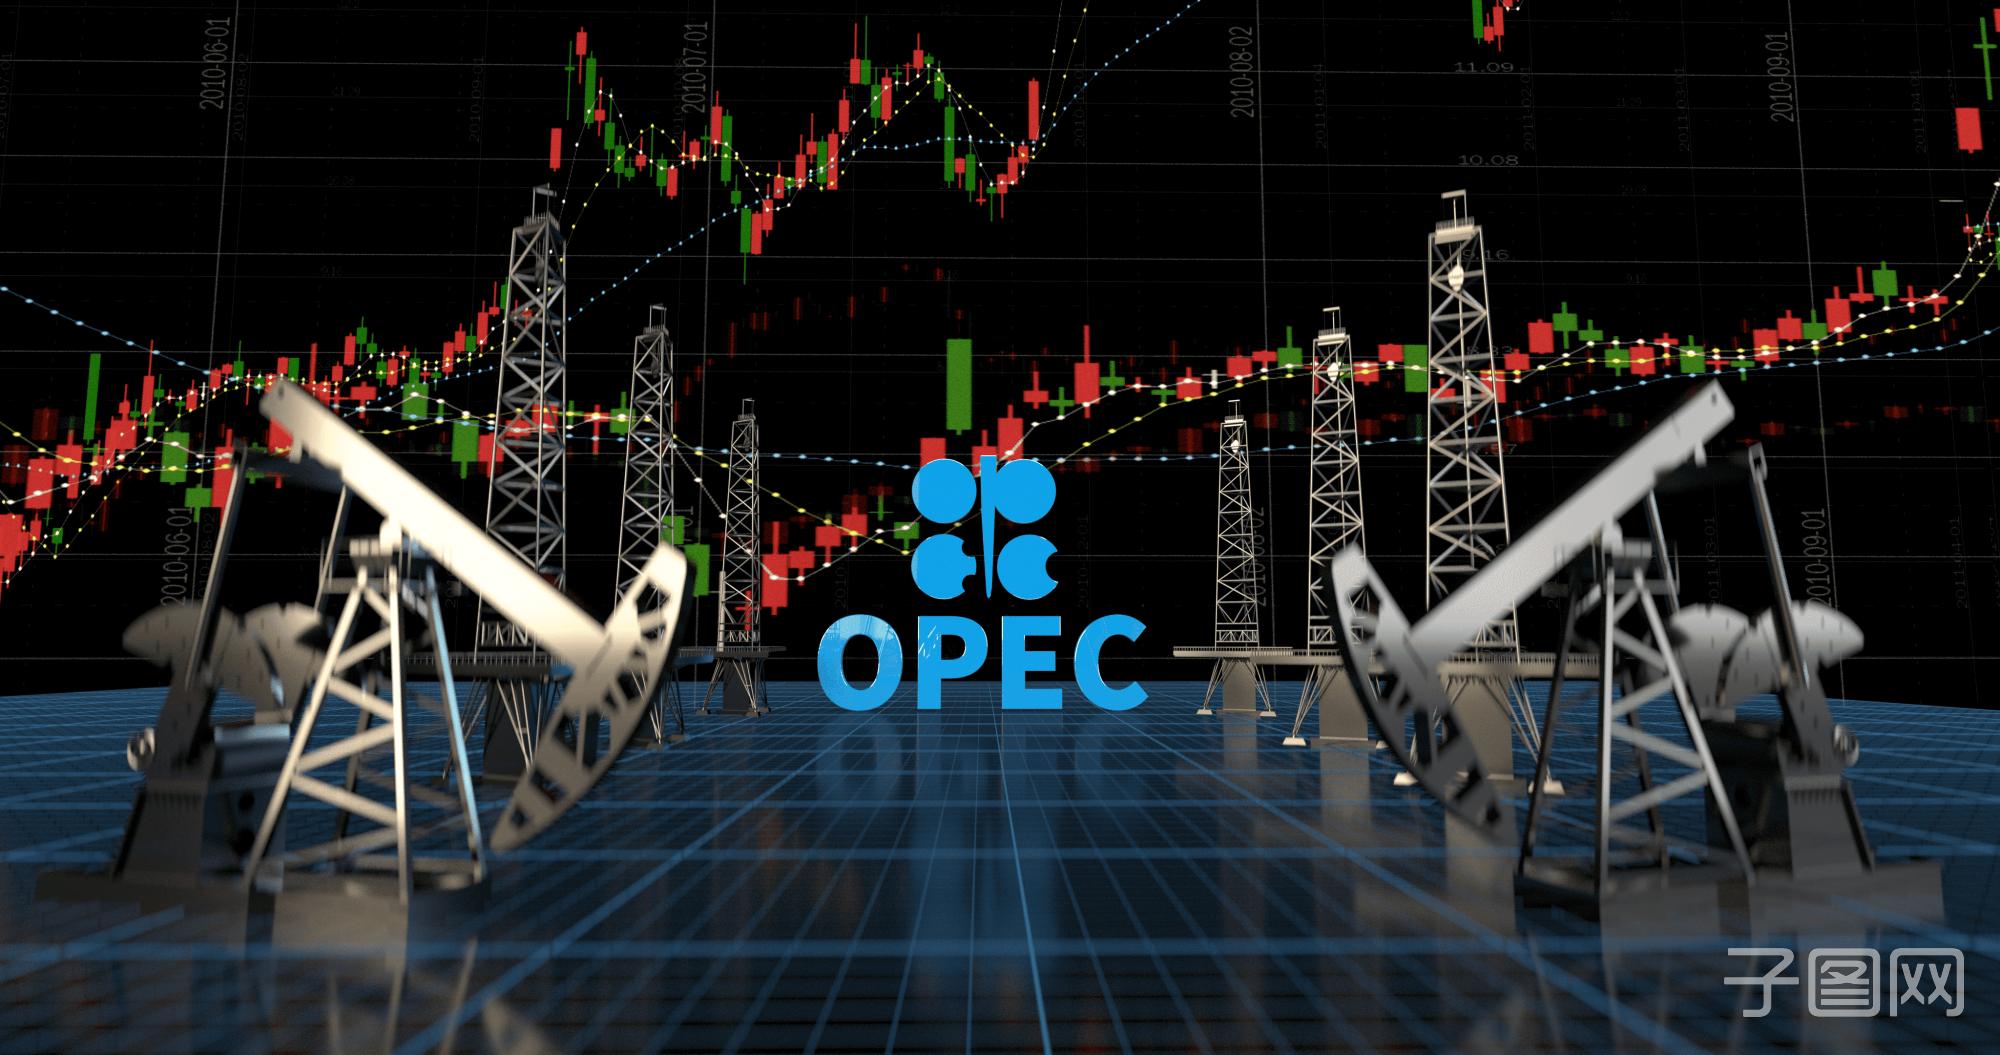 美国产油商不再追逐高油价,欧佩克+将成为最大赢家?